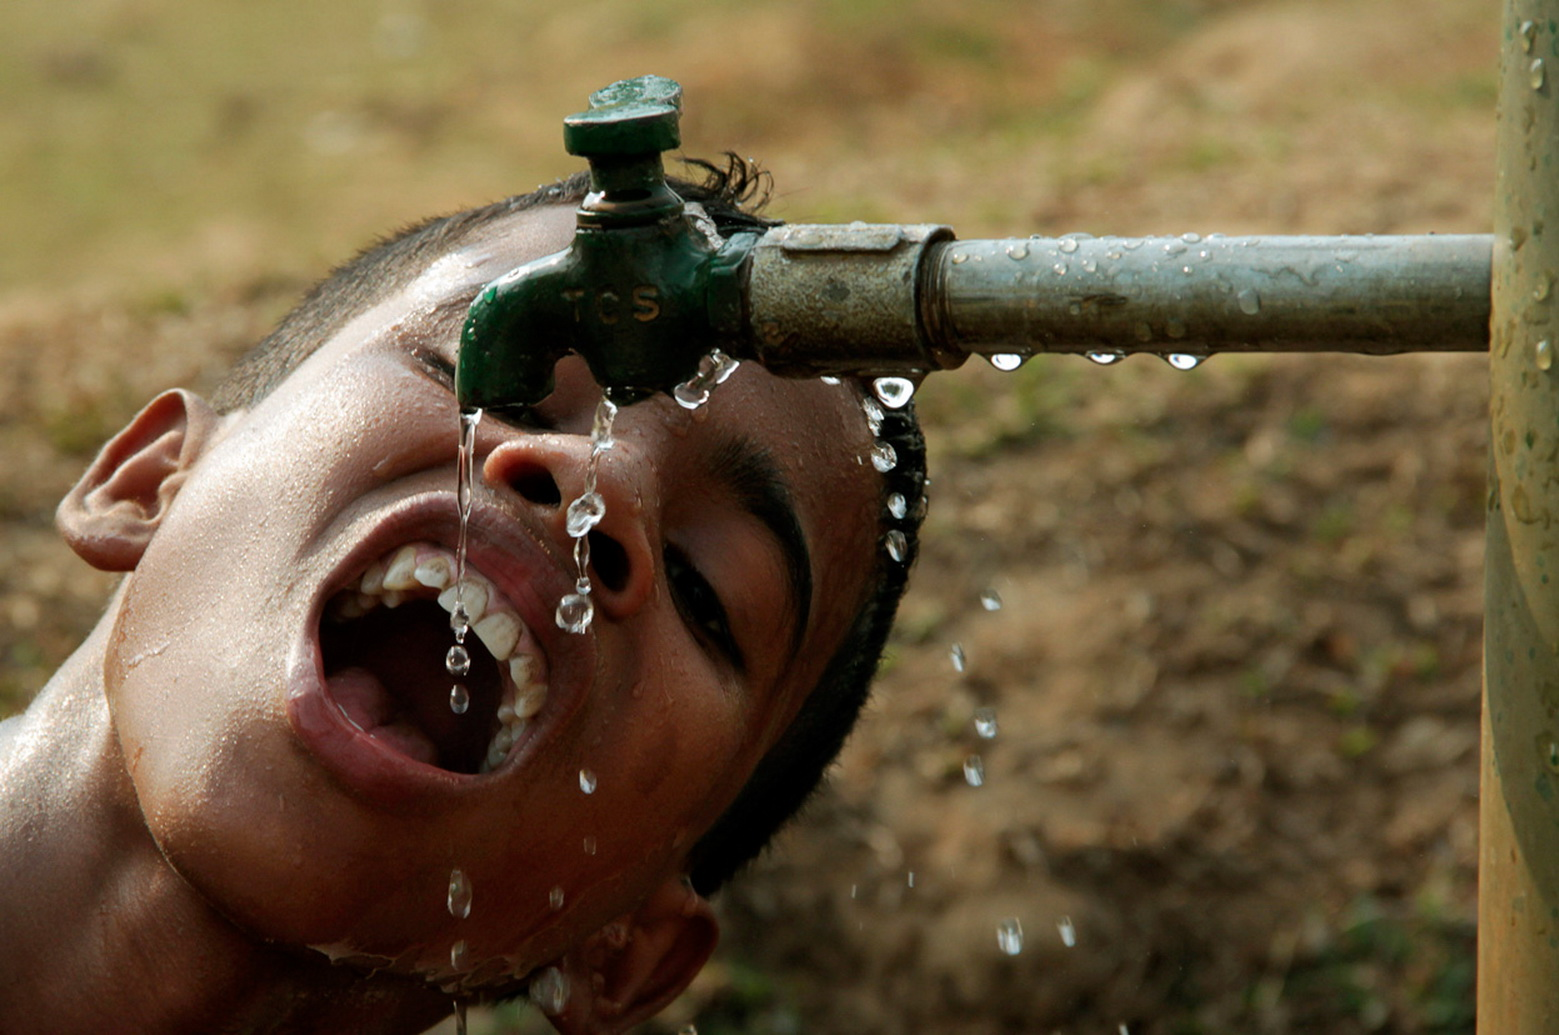 картинки дефицит пресной воды этой